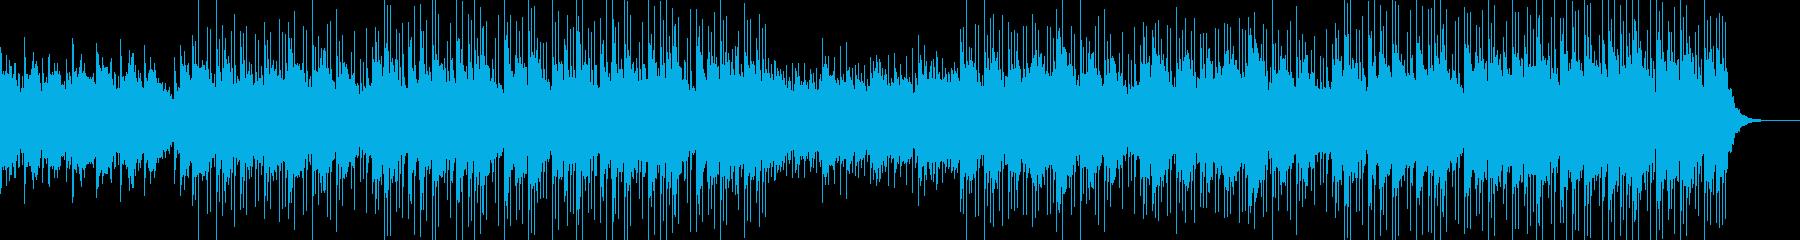 のんびりシンプルBGMの再生済みの波形